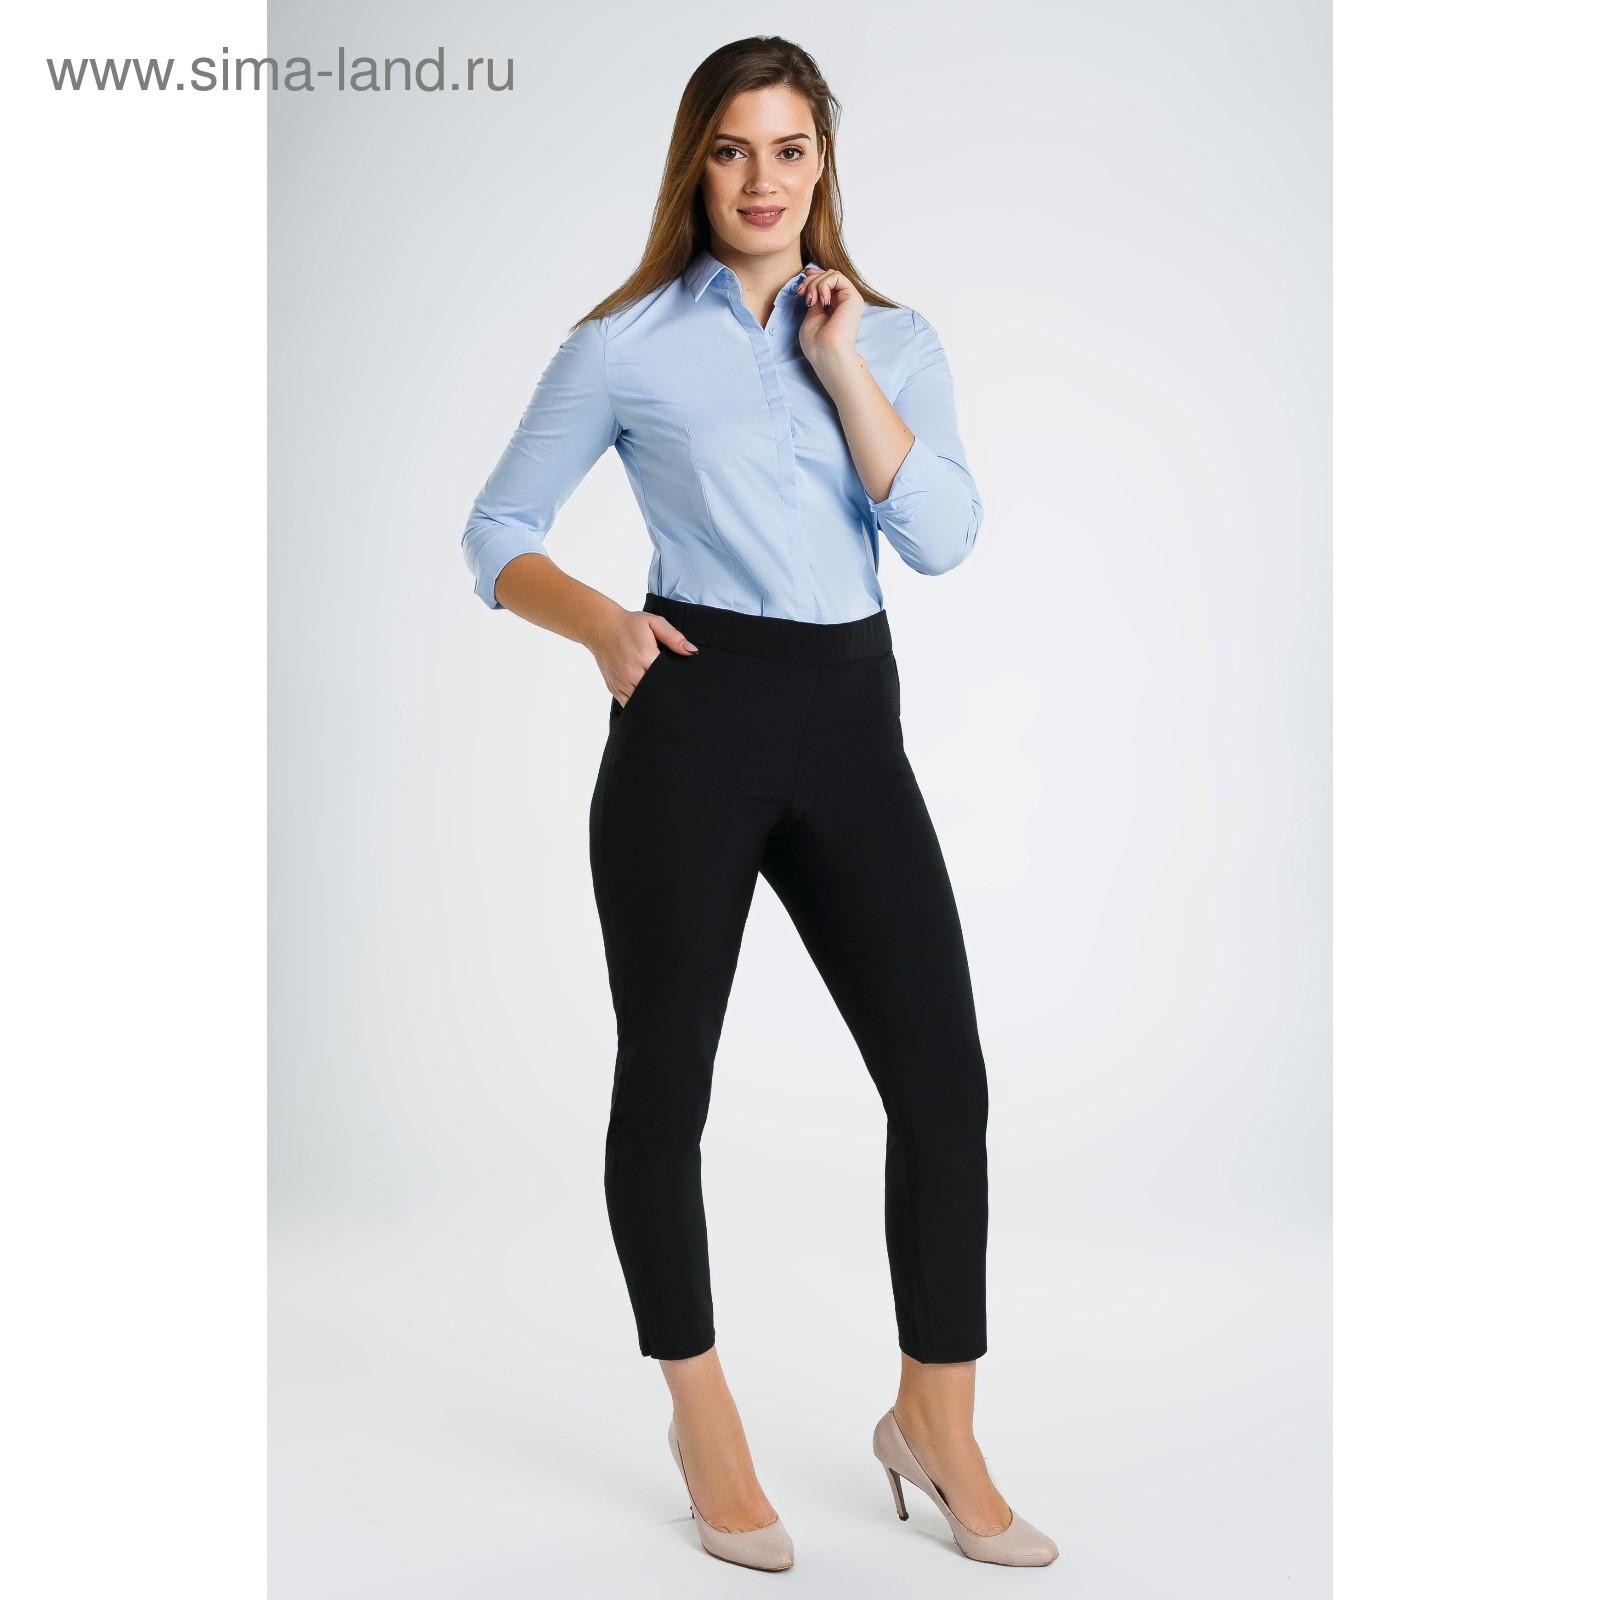 52 размер брюк женских это какой